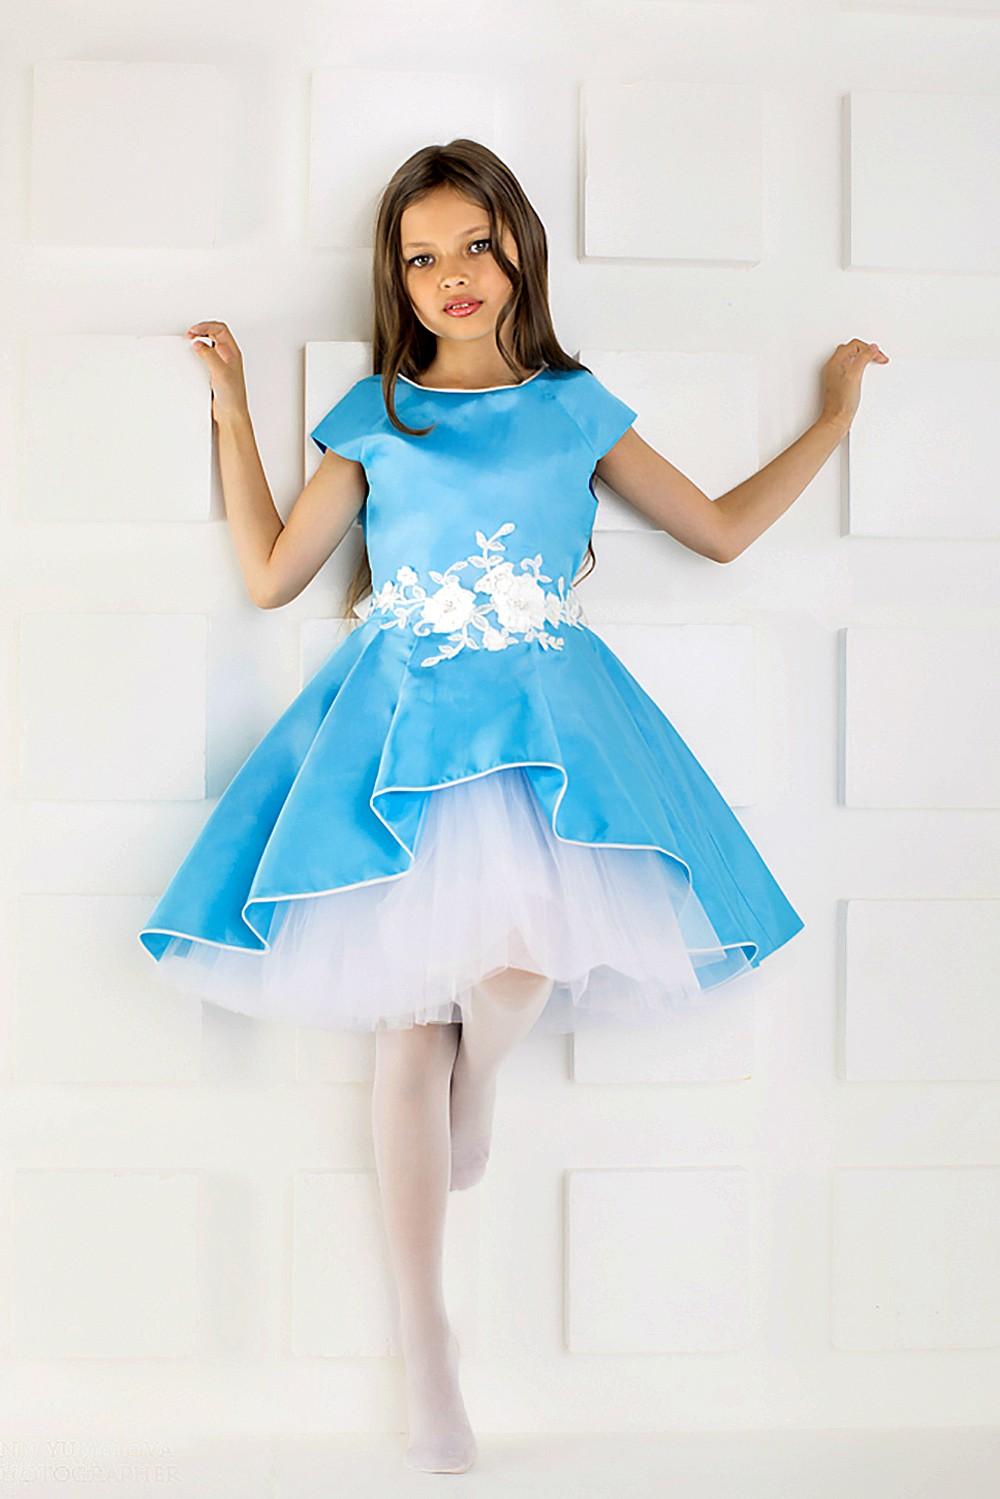 красивые новогодние платья для девочек 2018: платье кукольное голубое с белым пышная юбка